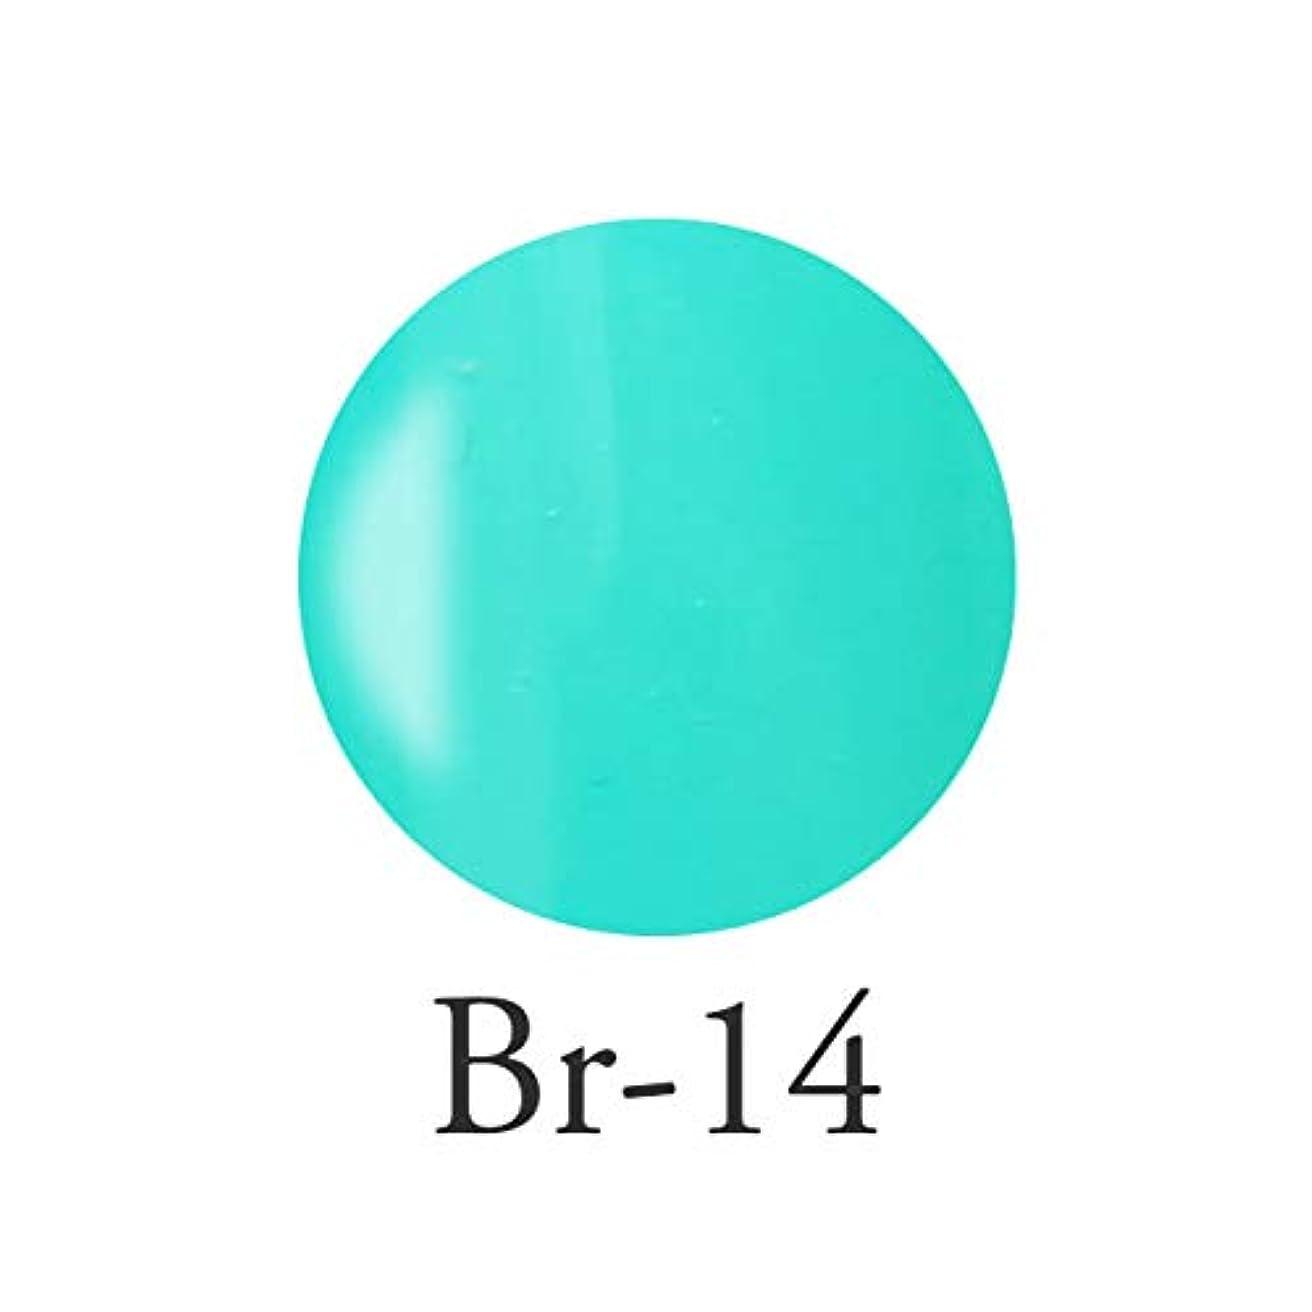 偽造腹痛曲エンジェル クィーンカラージェル フェリシテブルー Br-14 3g